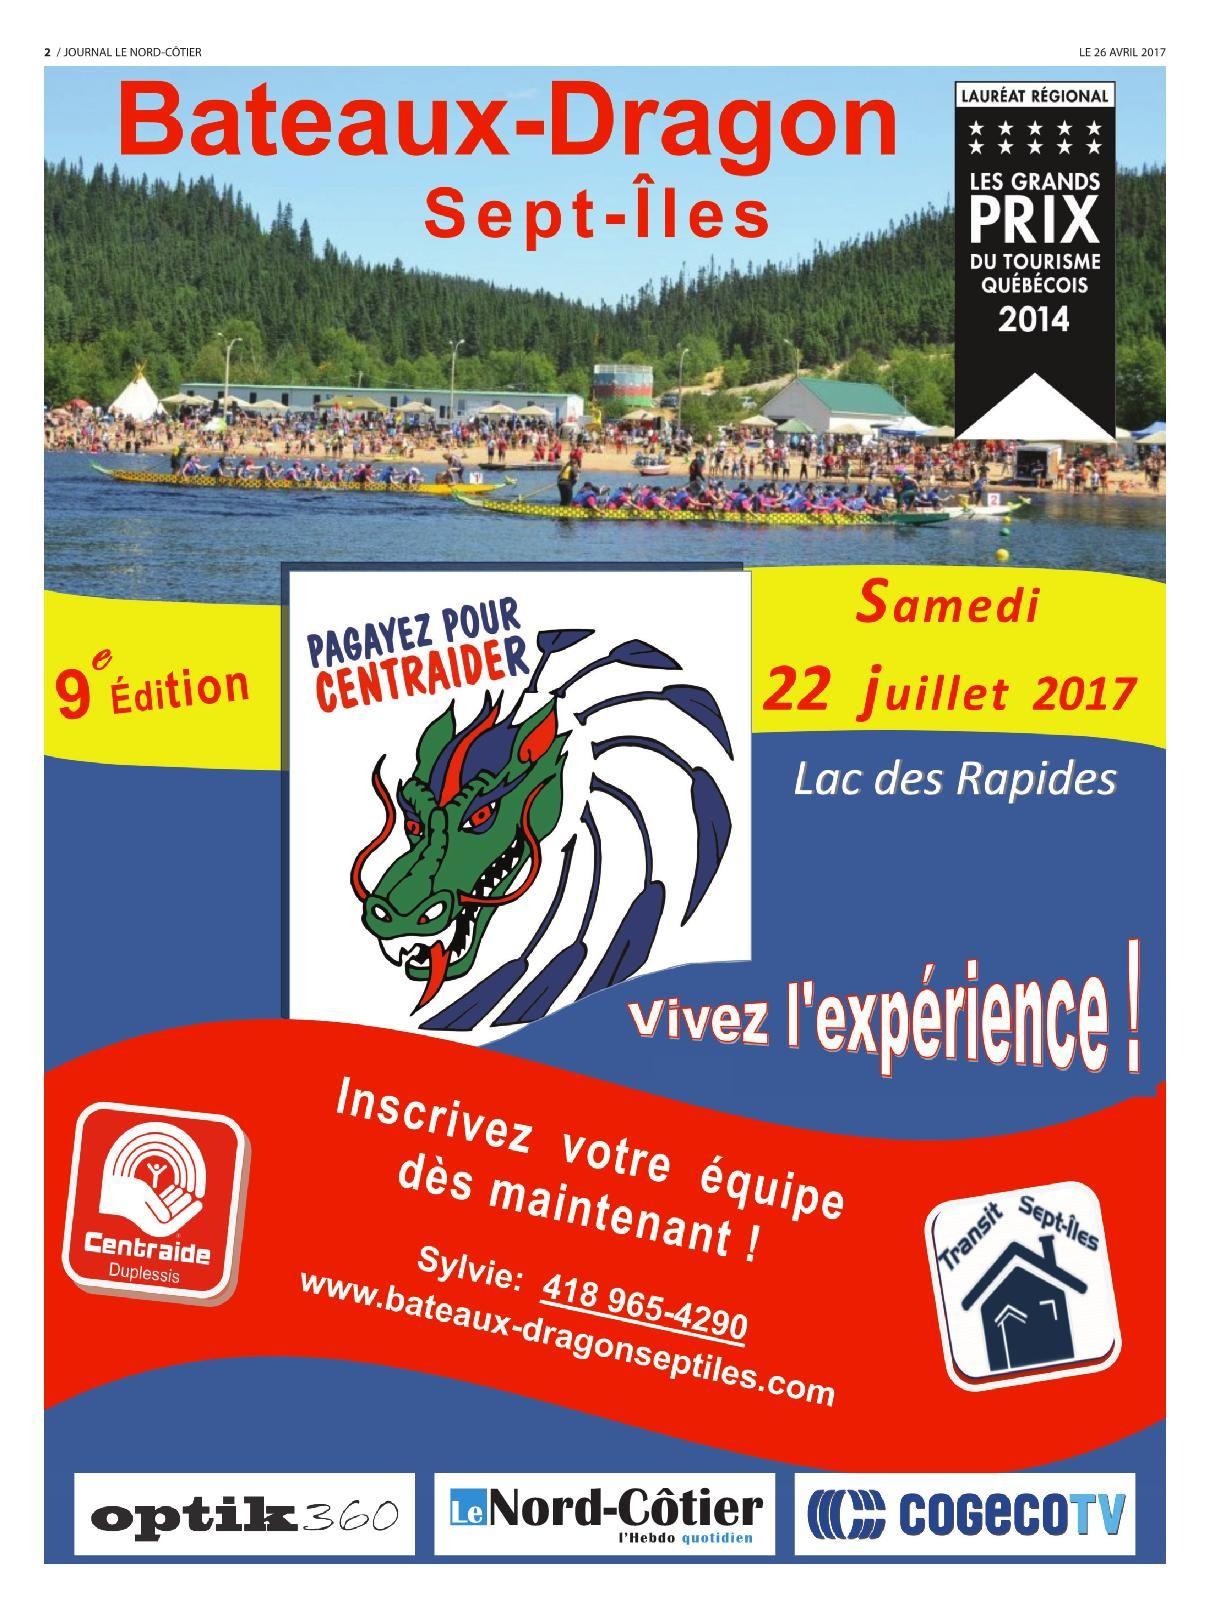 E Leclerc Livraison Luxe Le nord Cotier 26 Avril 2017 Pages 1 48 Text Version Of 28 Beau E Leclerc Livraison